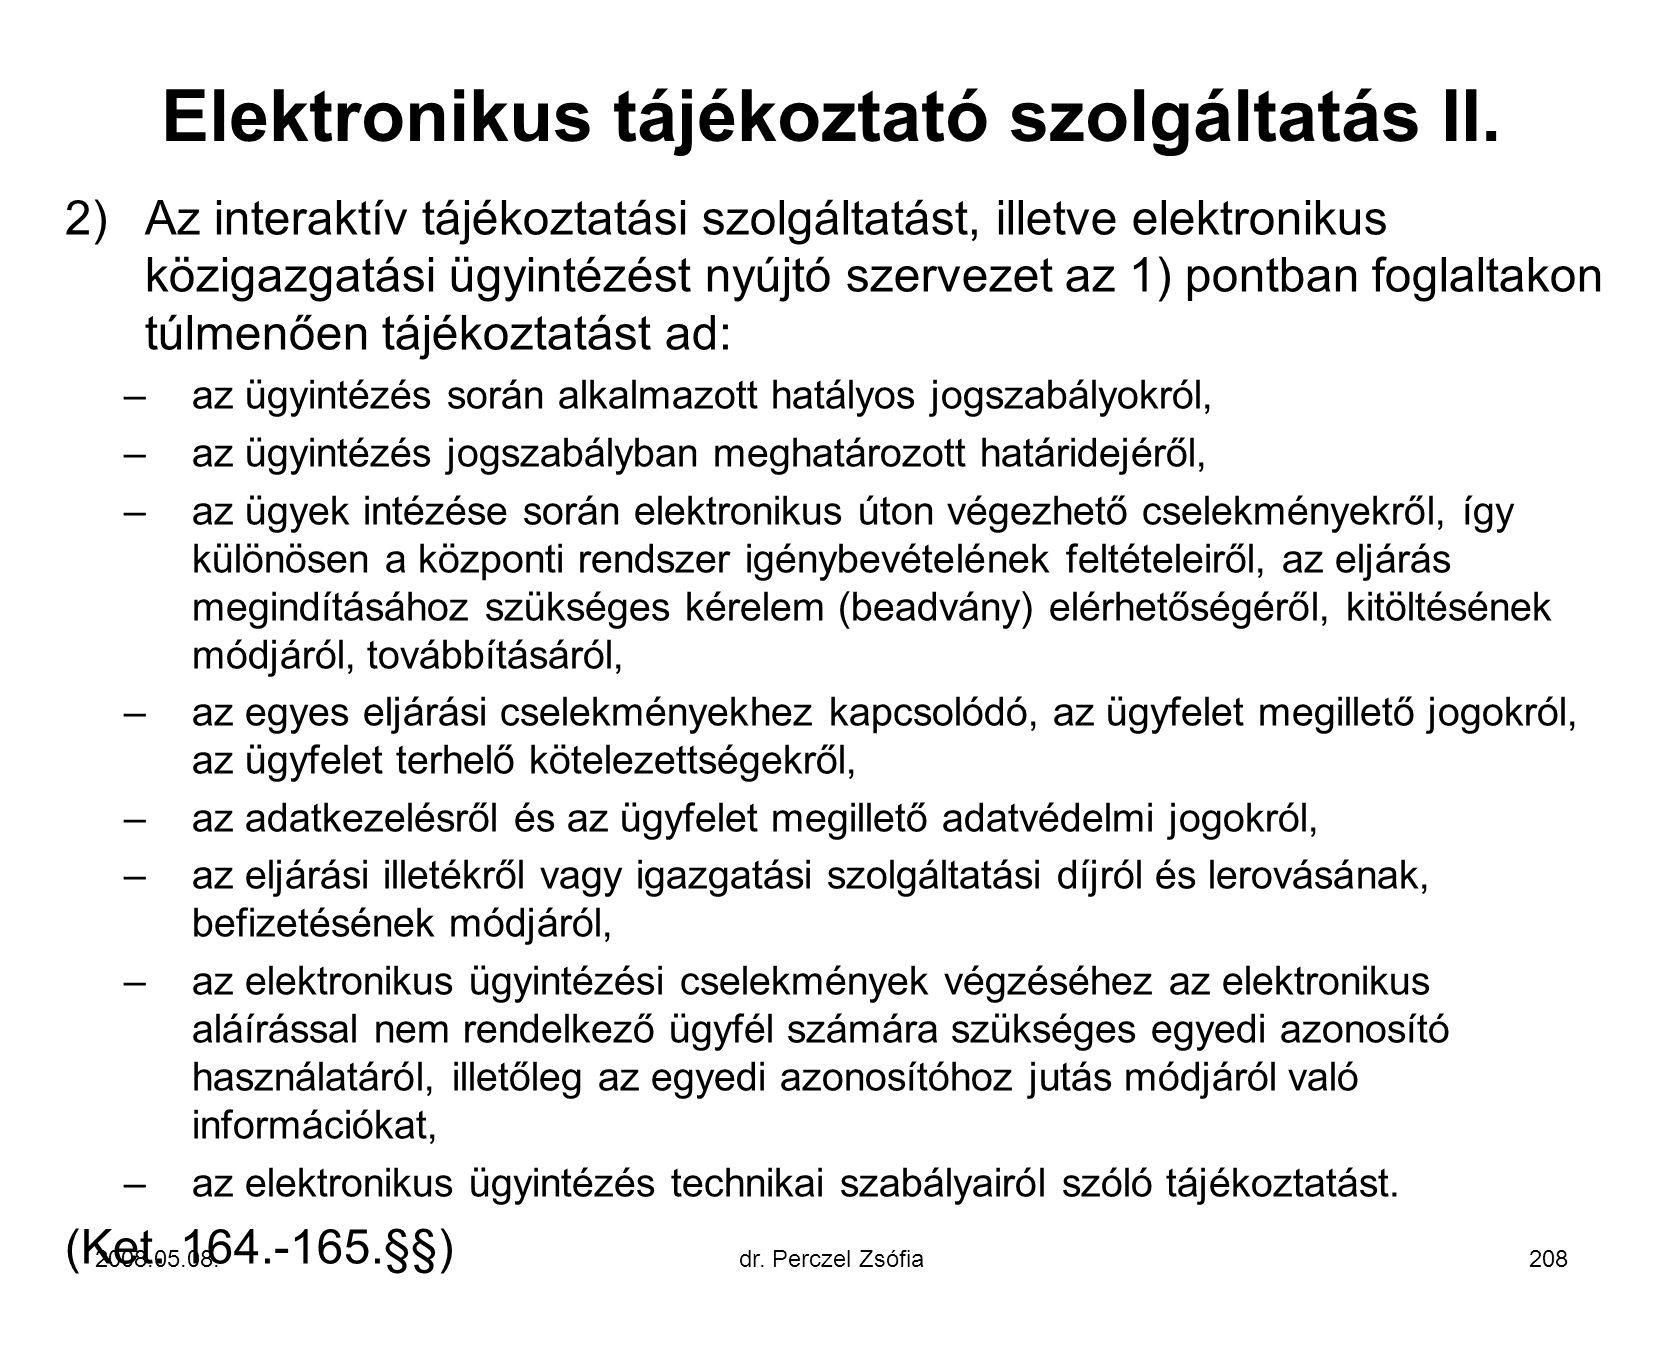 Elektronikus tájékoztató szolgáltatás II.